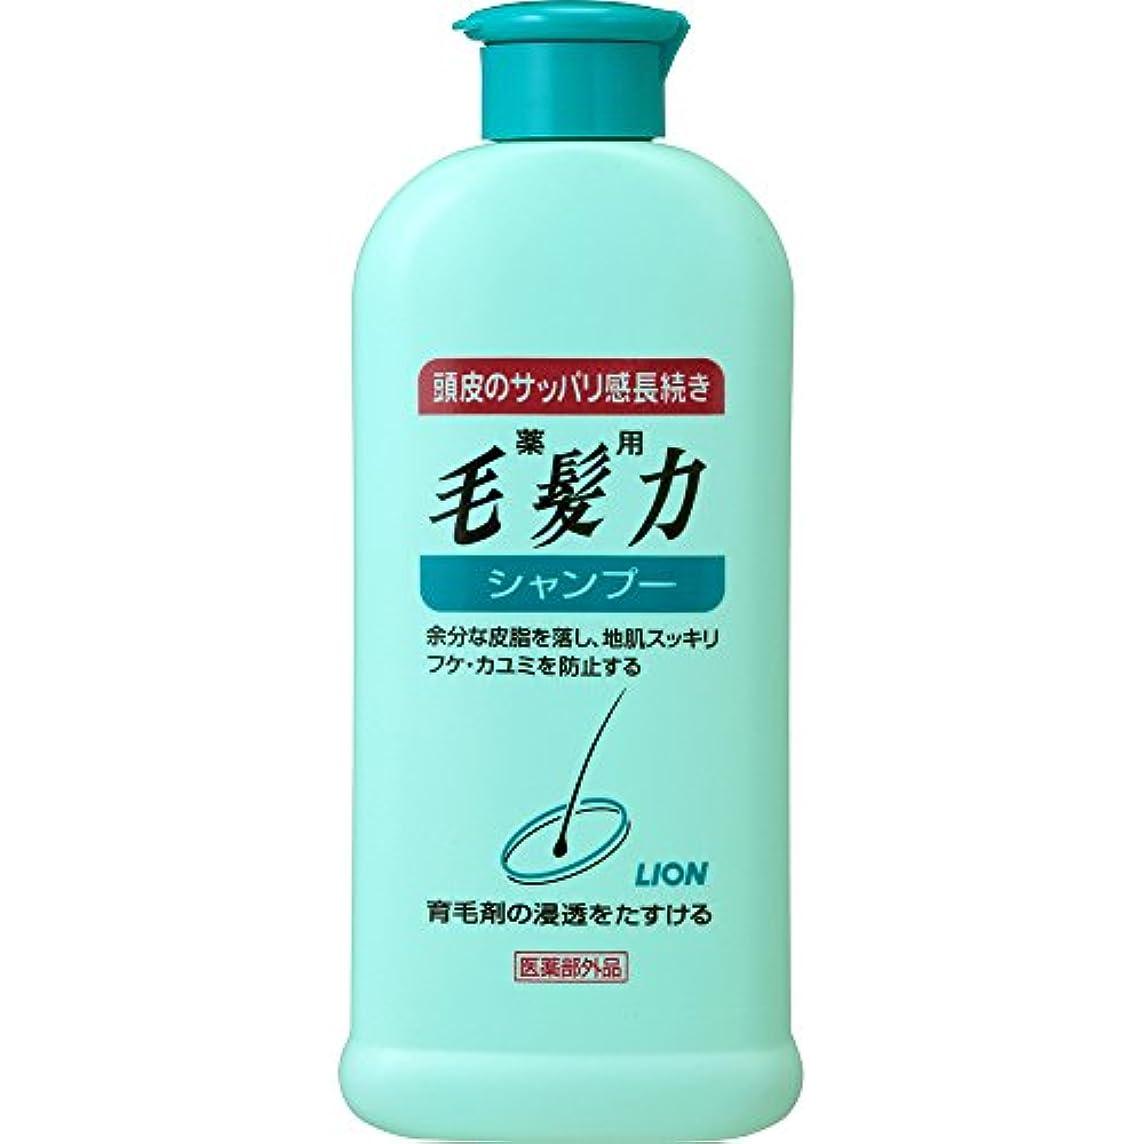 カウンタ任命する証書薬用毛髪力 シャンプー 200ml(医薬部外品)